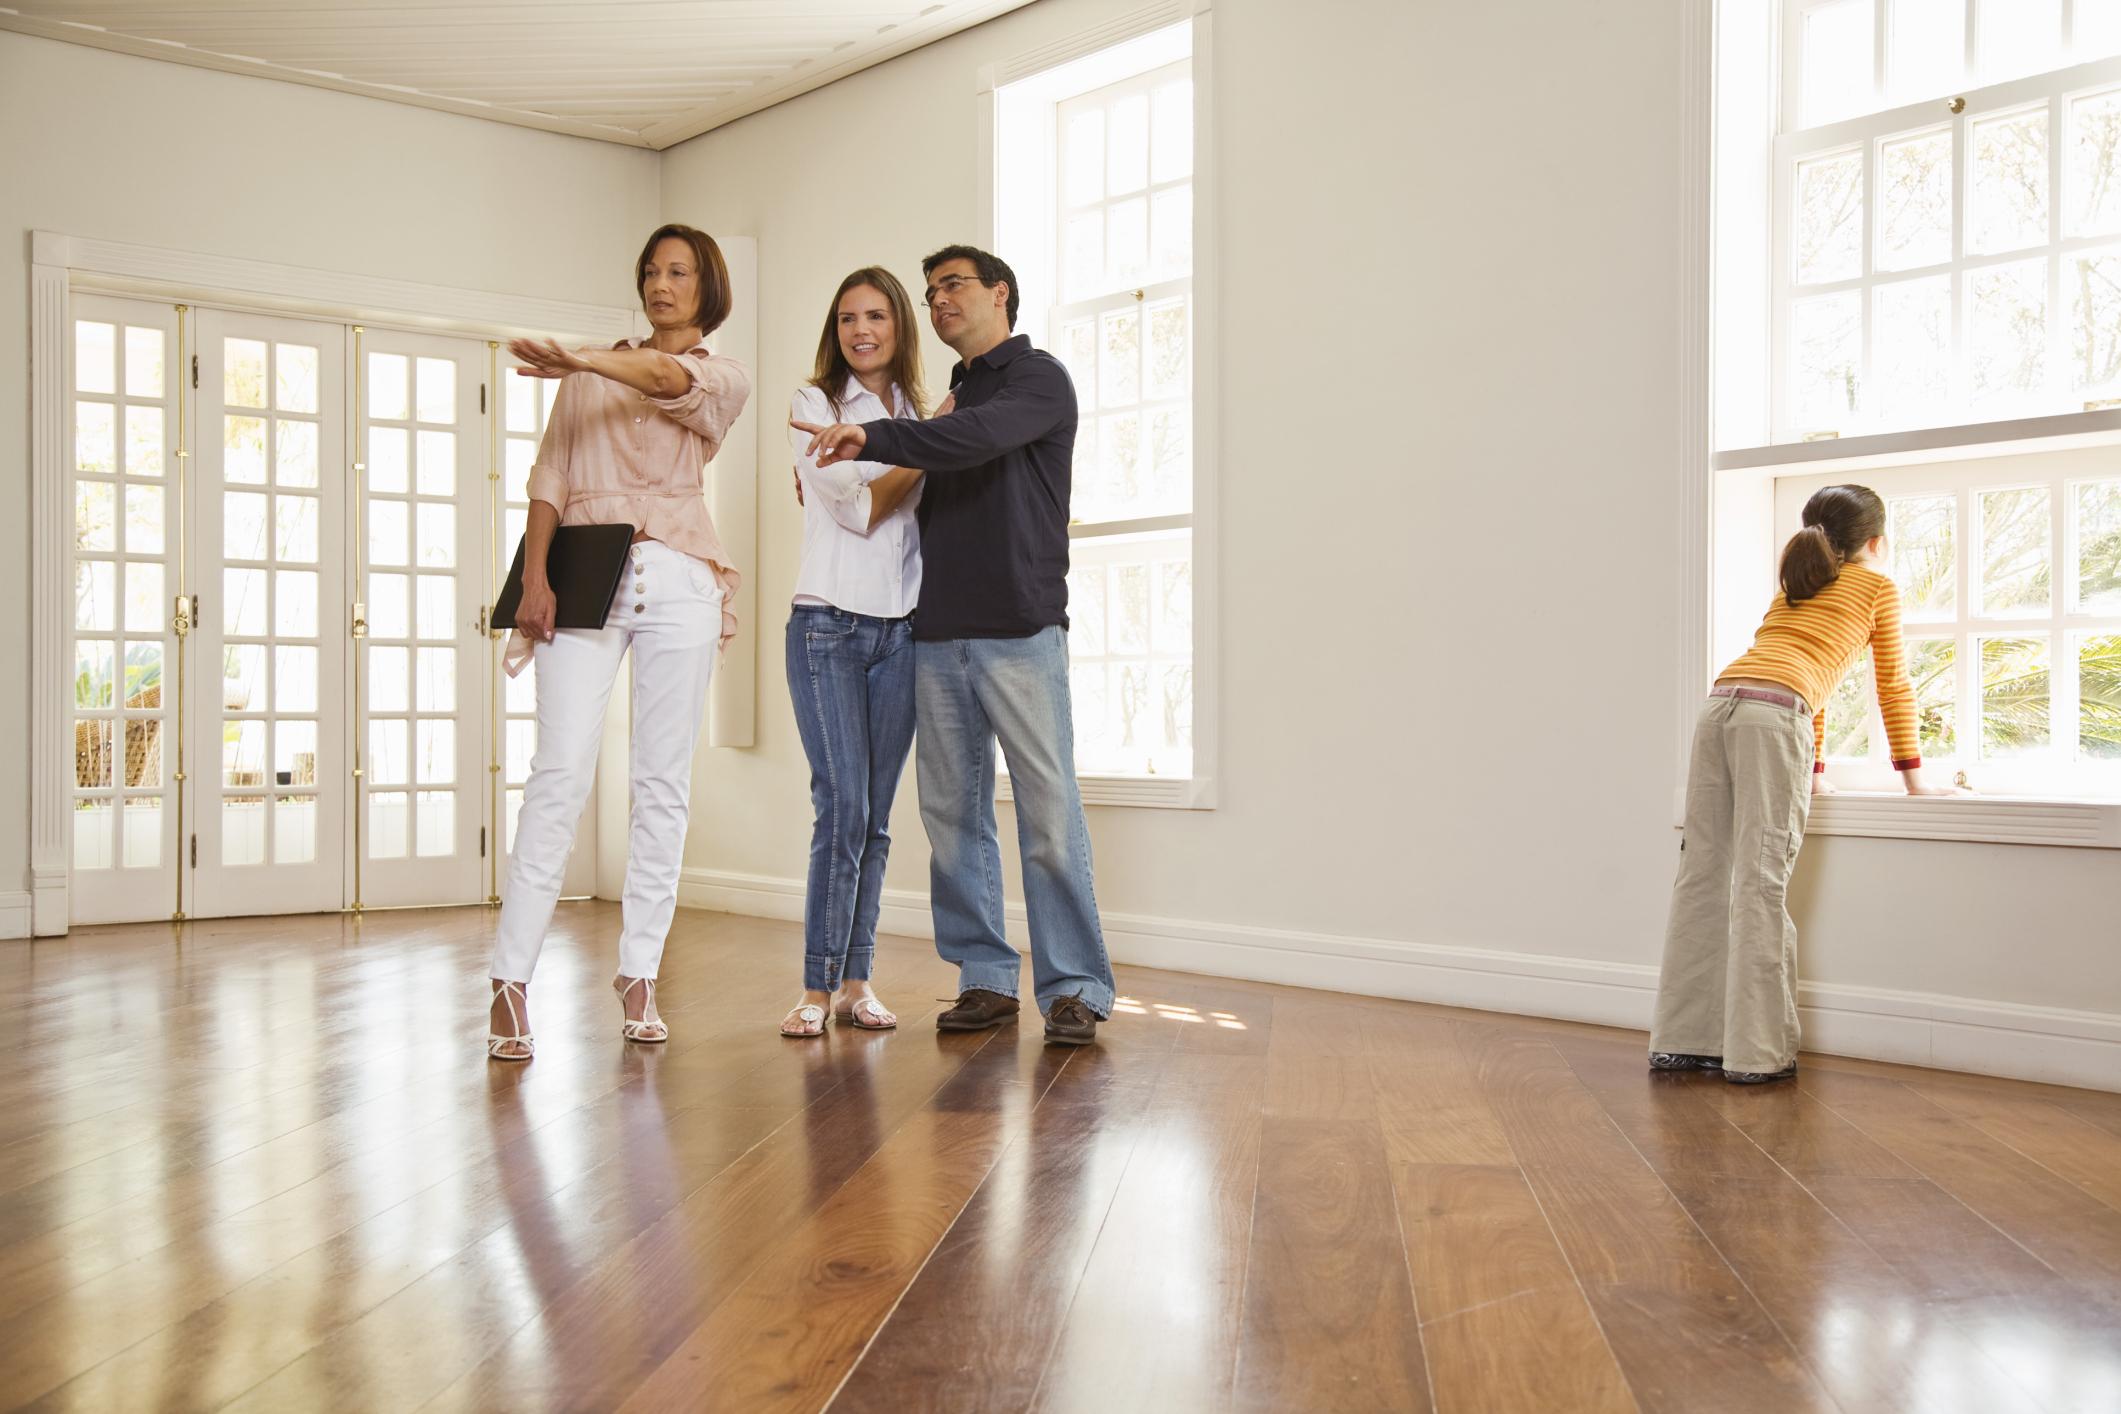 Оценка объекта ипотеки